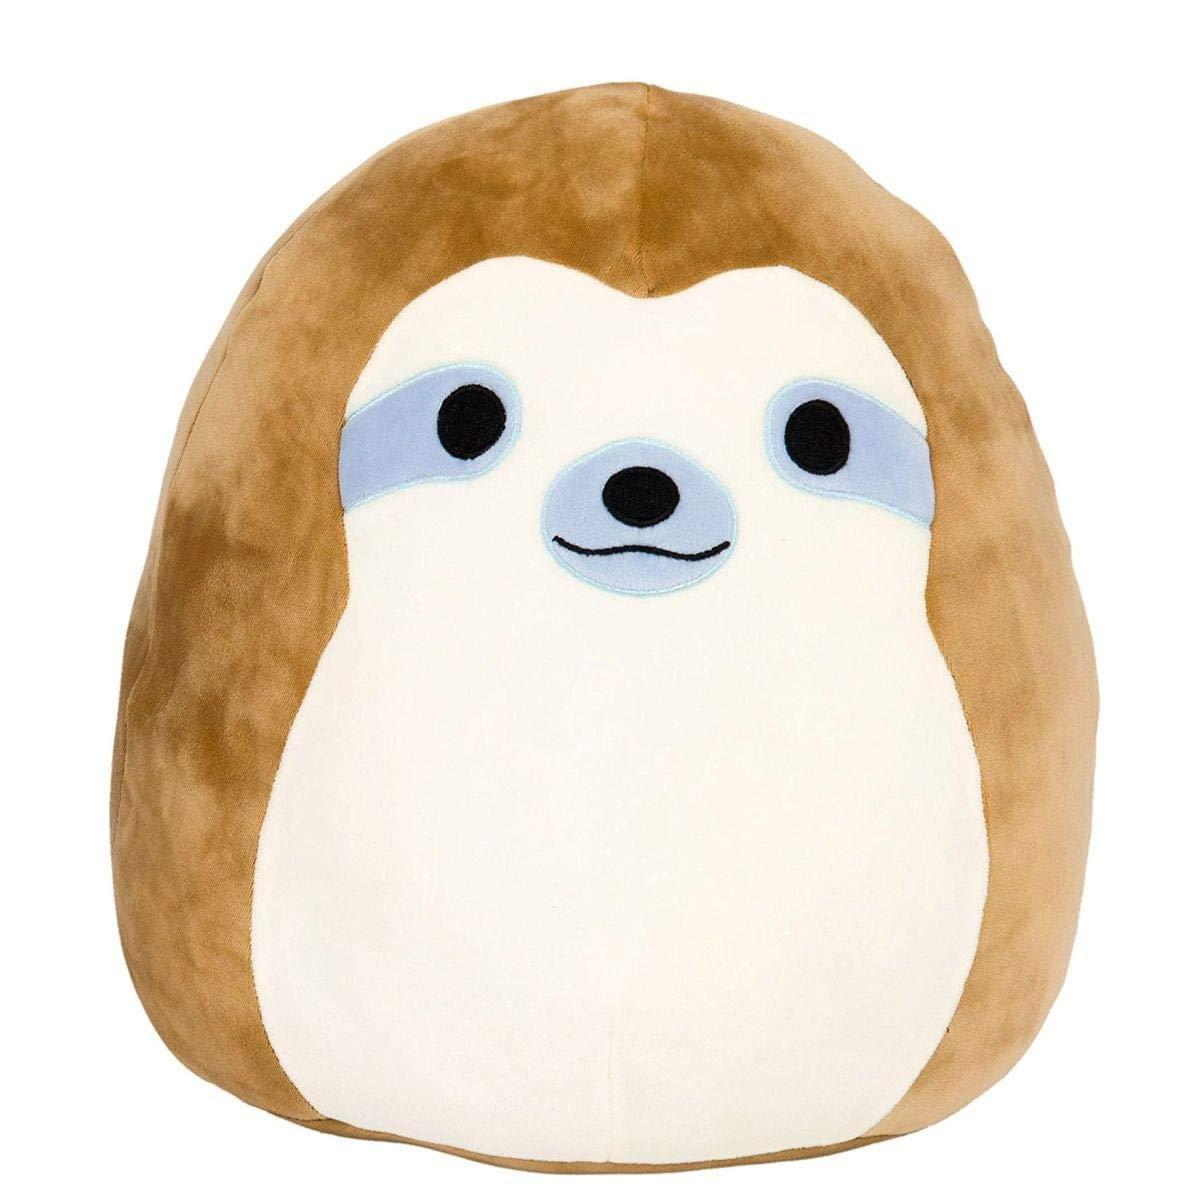 Kellytoy Squishmallow 16'' Simon The Sloth Super Soft Plush Toy Pillow Pet Pal Buddy (Simon The Sloth)